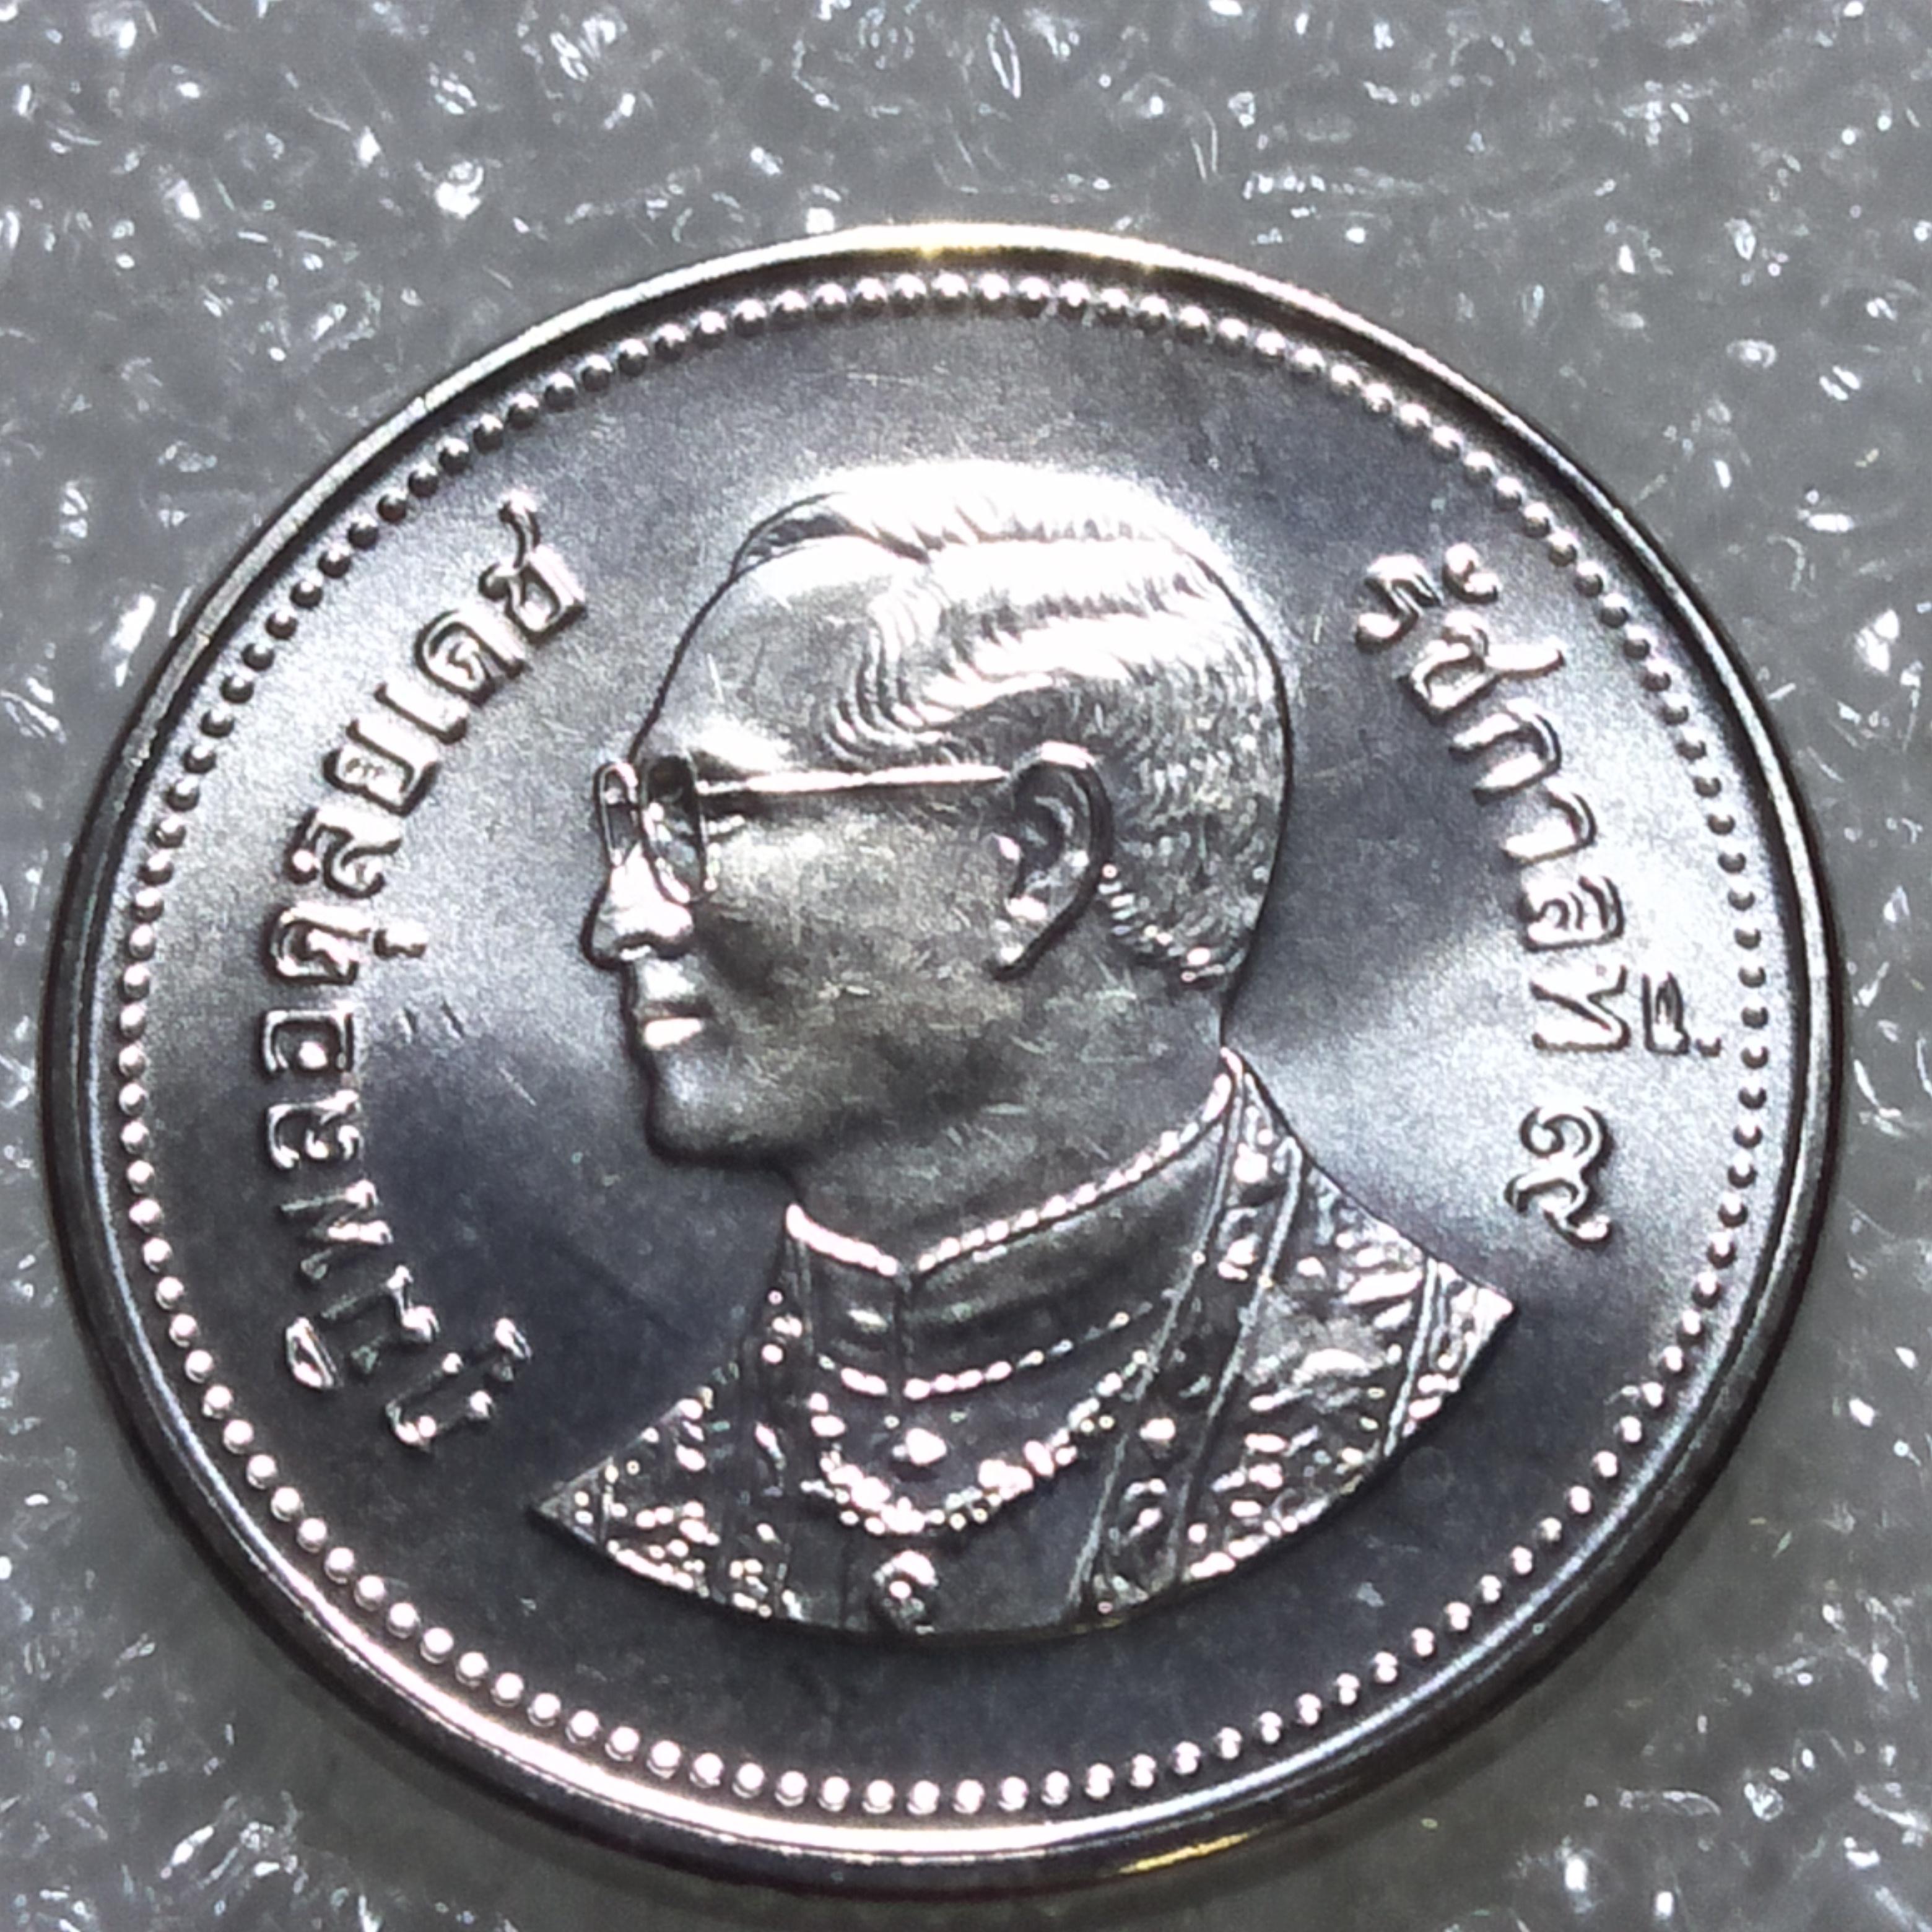 เหรียญ 2 บาท 2549 ไม่ผ่านใช้ UNC